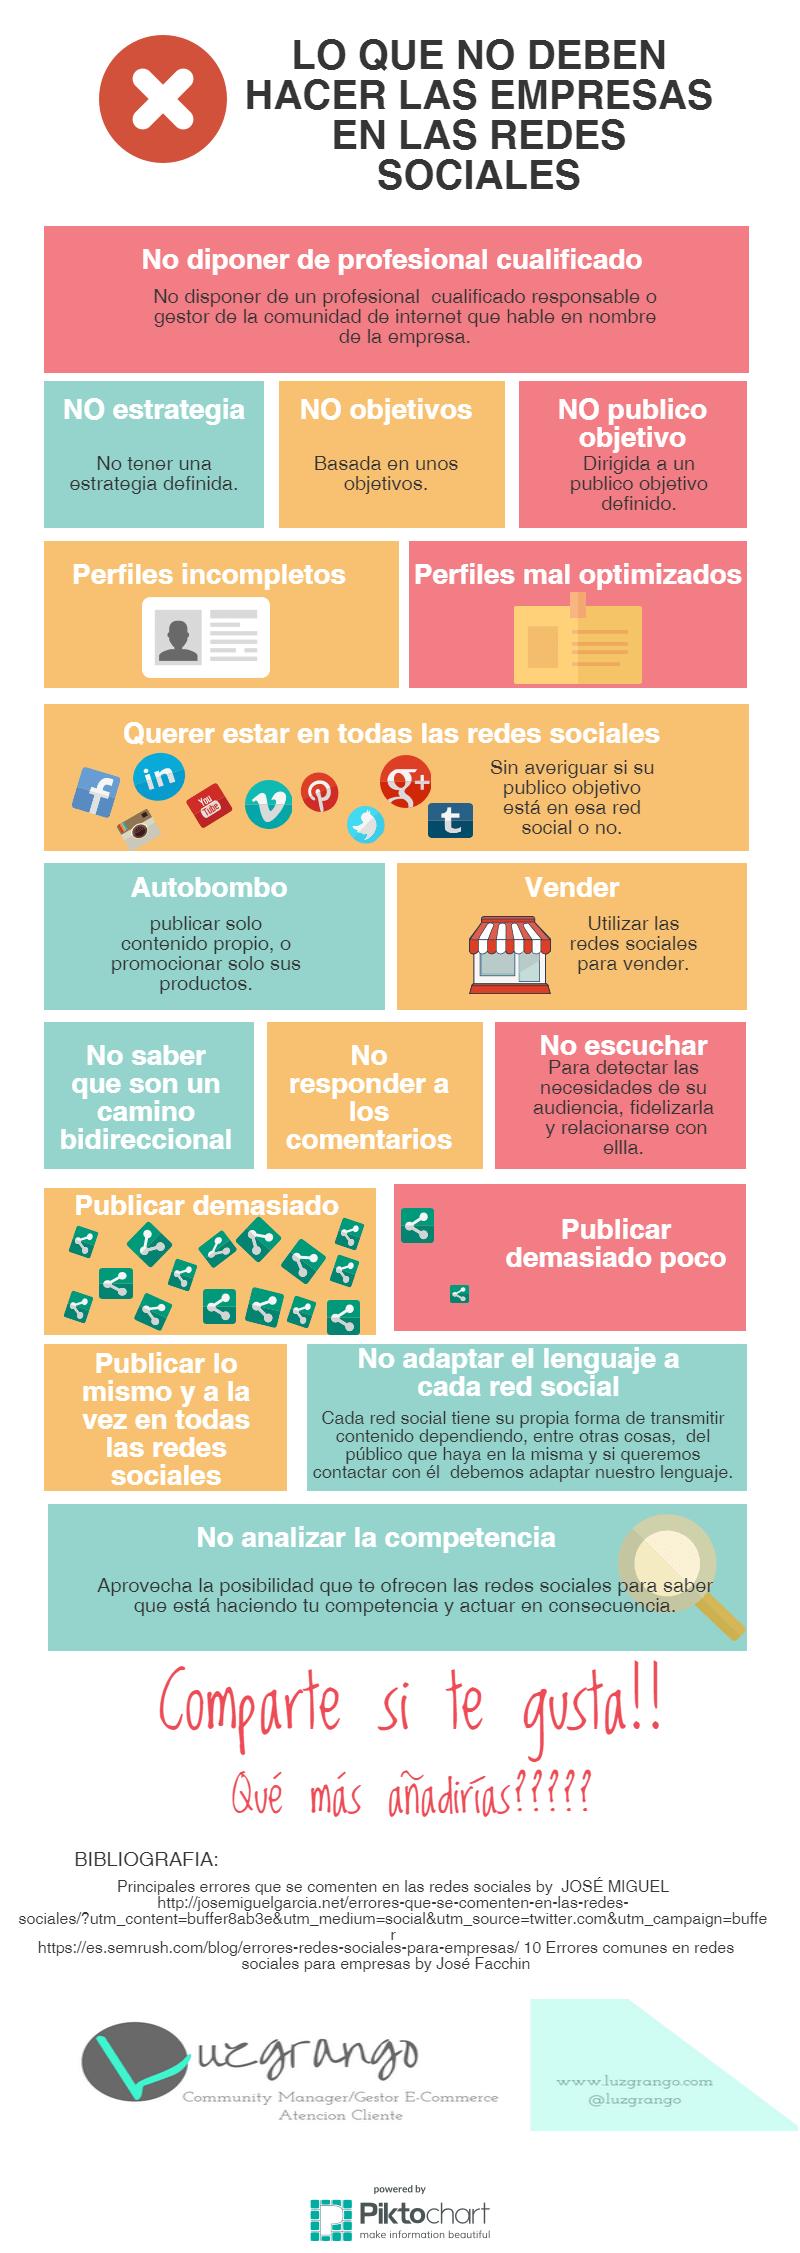 errores-empresas-redes-sociales